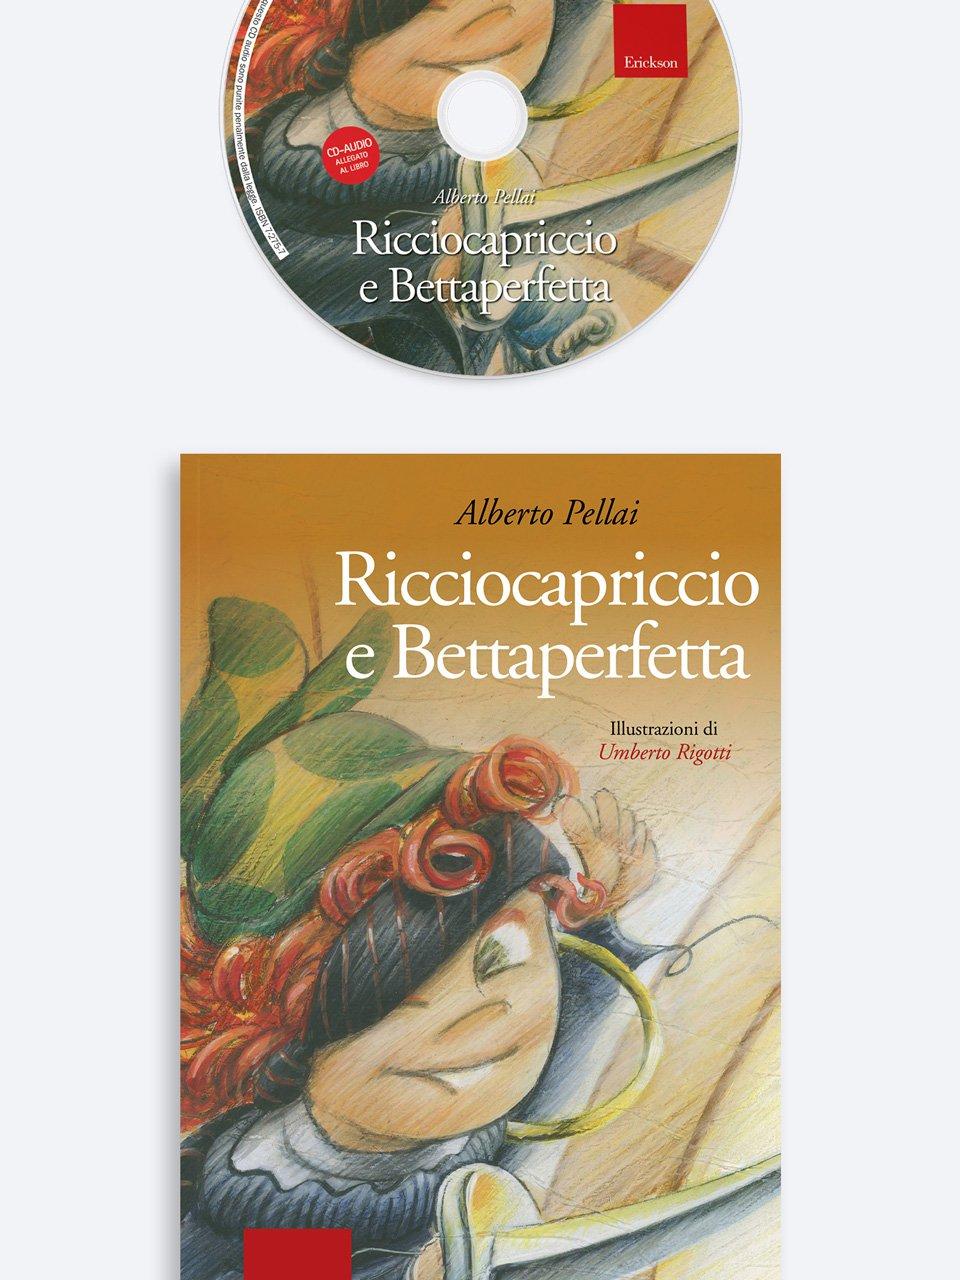 Ricciocapriccio e Bettaperfetta - Alberto Pellai - Erickson